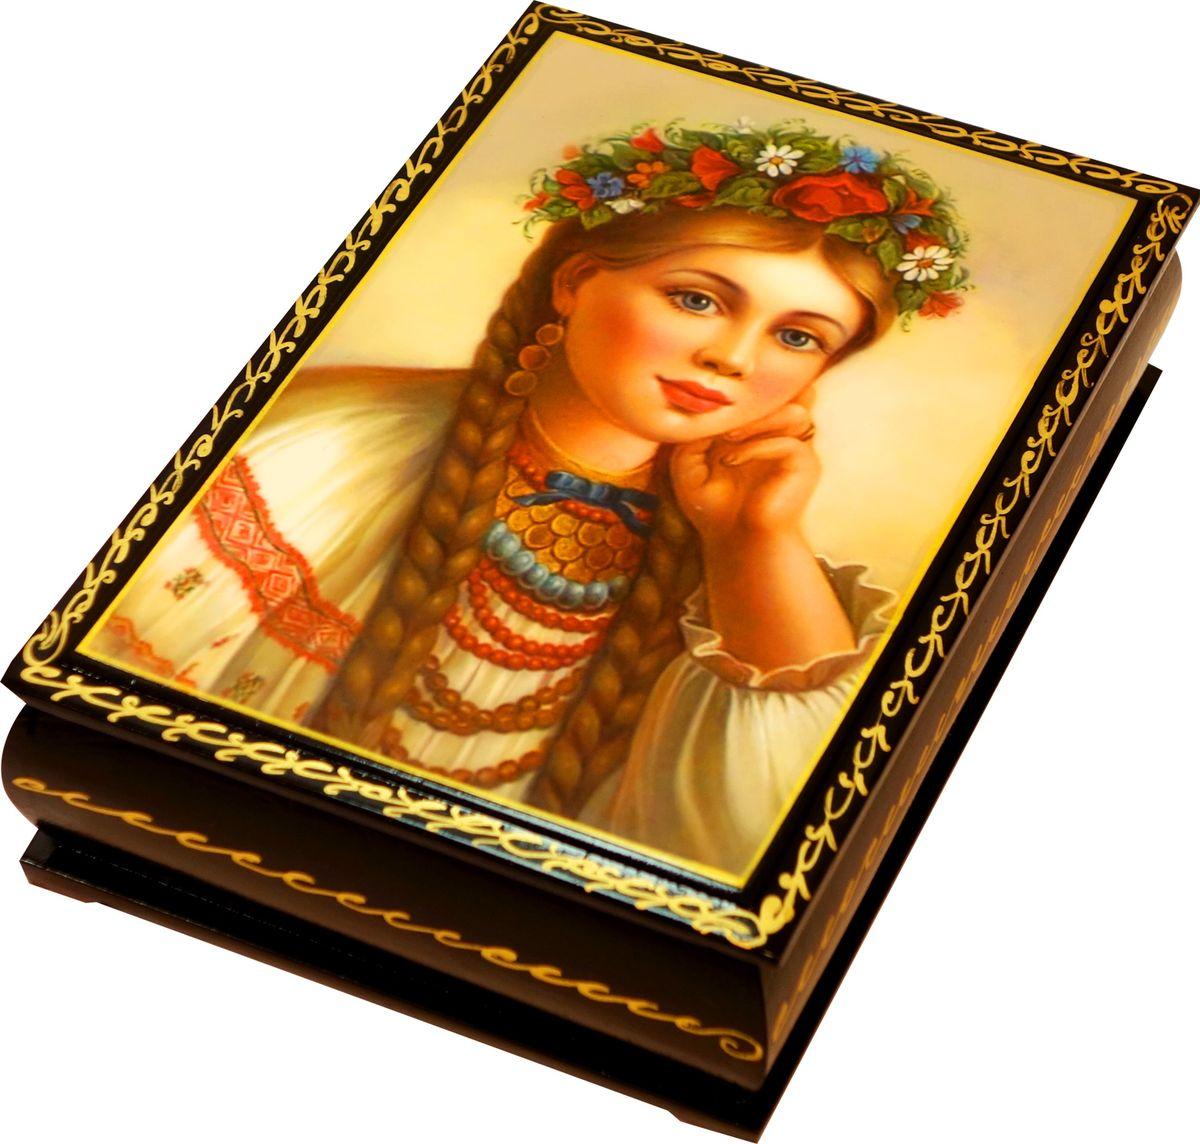 Кремлина Девушка в венке чернослив шоколадный с грецким орехом конфеты, 150 г4607039270266_девушка в венкеПодарочная серия конфет в шкатулке лаковая миниатюра с конфетами. Чернослив шоколадный с грецким орехом.